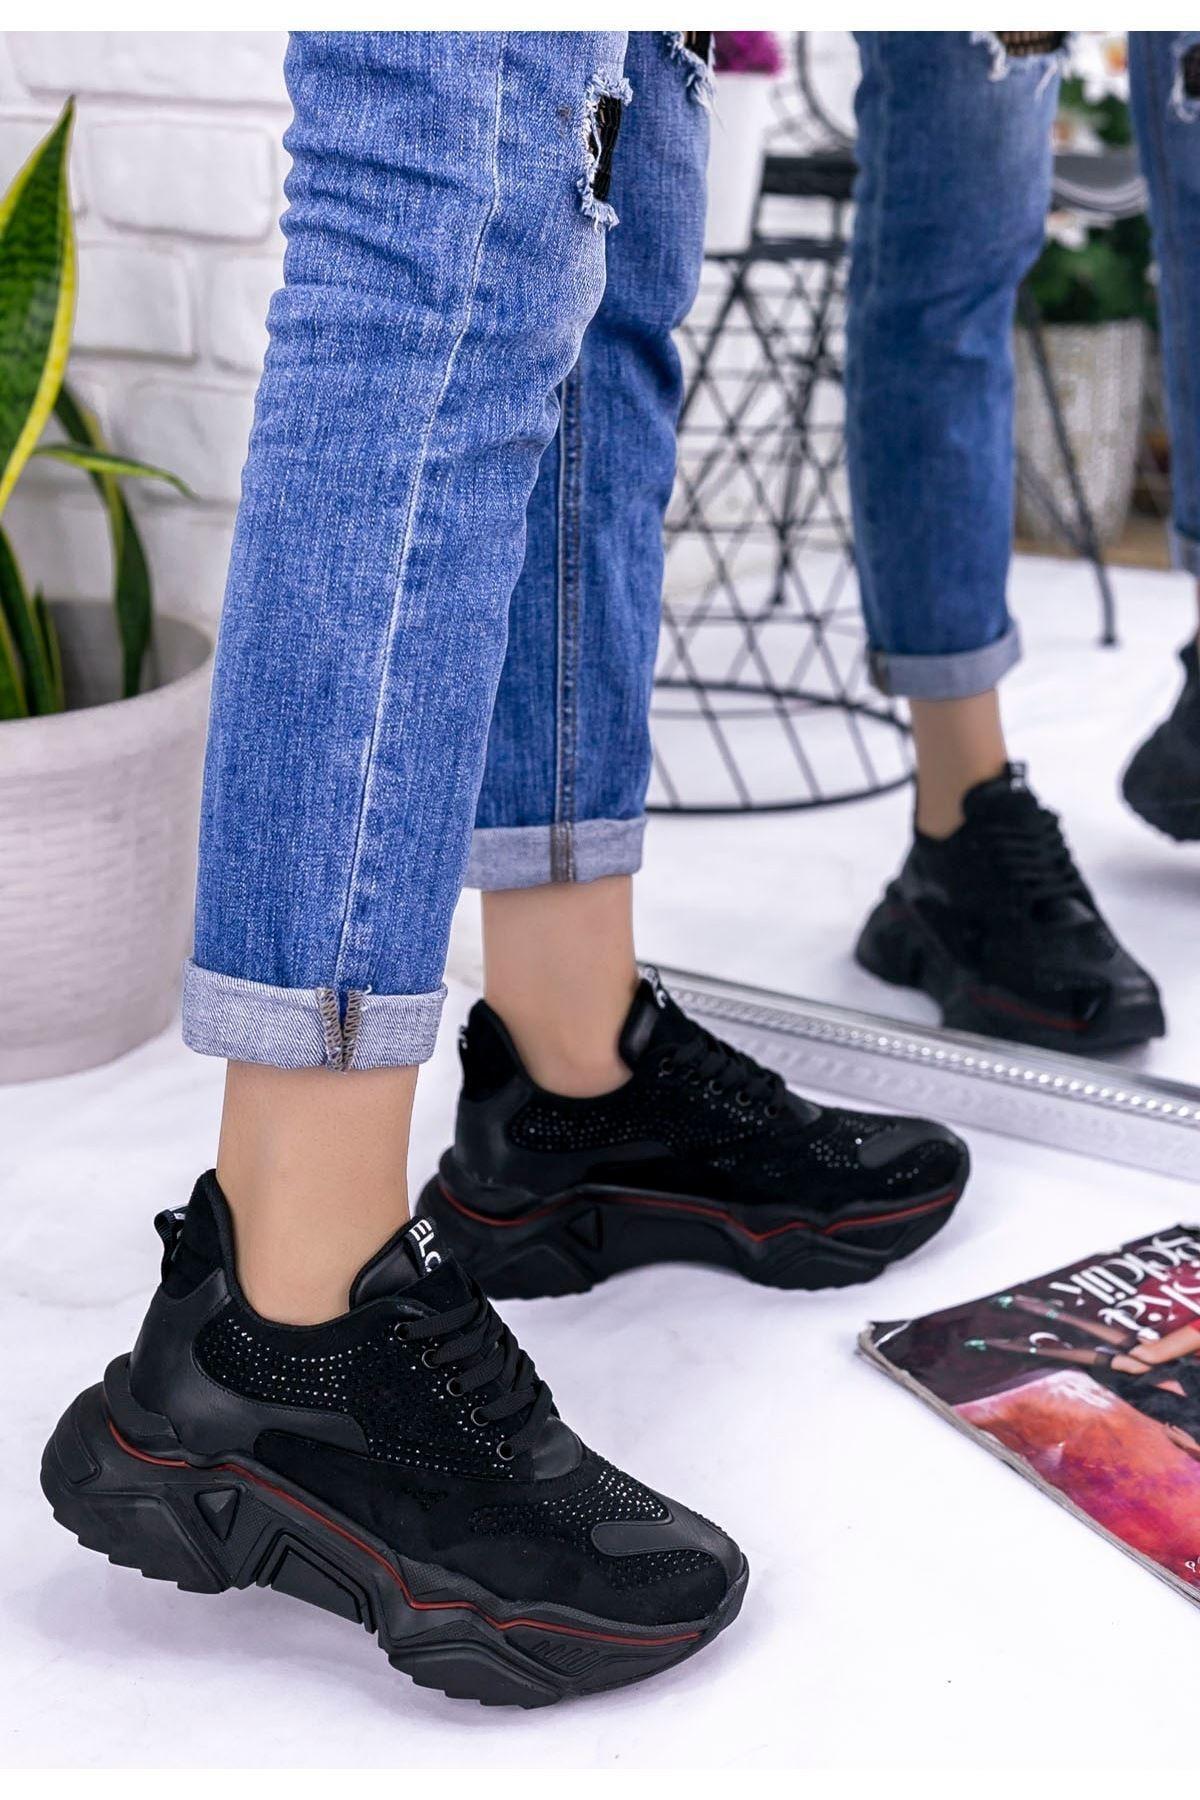 mozsoo Vira Kadın Siyah Süet Boncuk İşlemeli Spor Ayakkabı